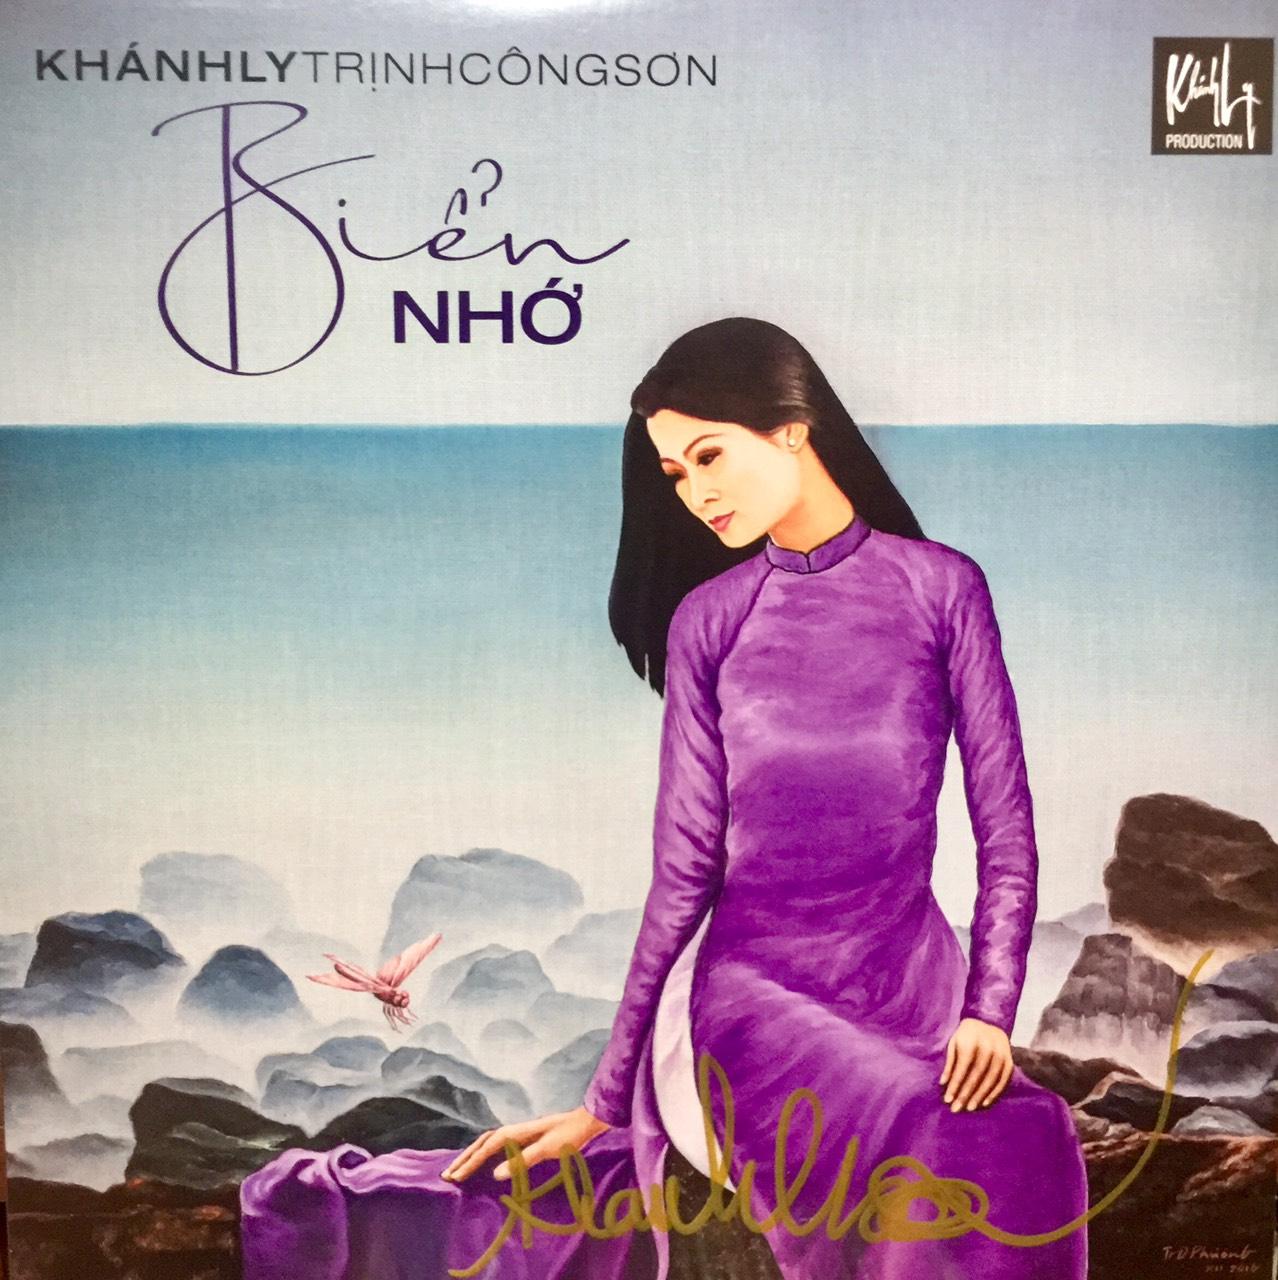 dia-than-khanh-ly-bien-nho-trinh-cong-son